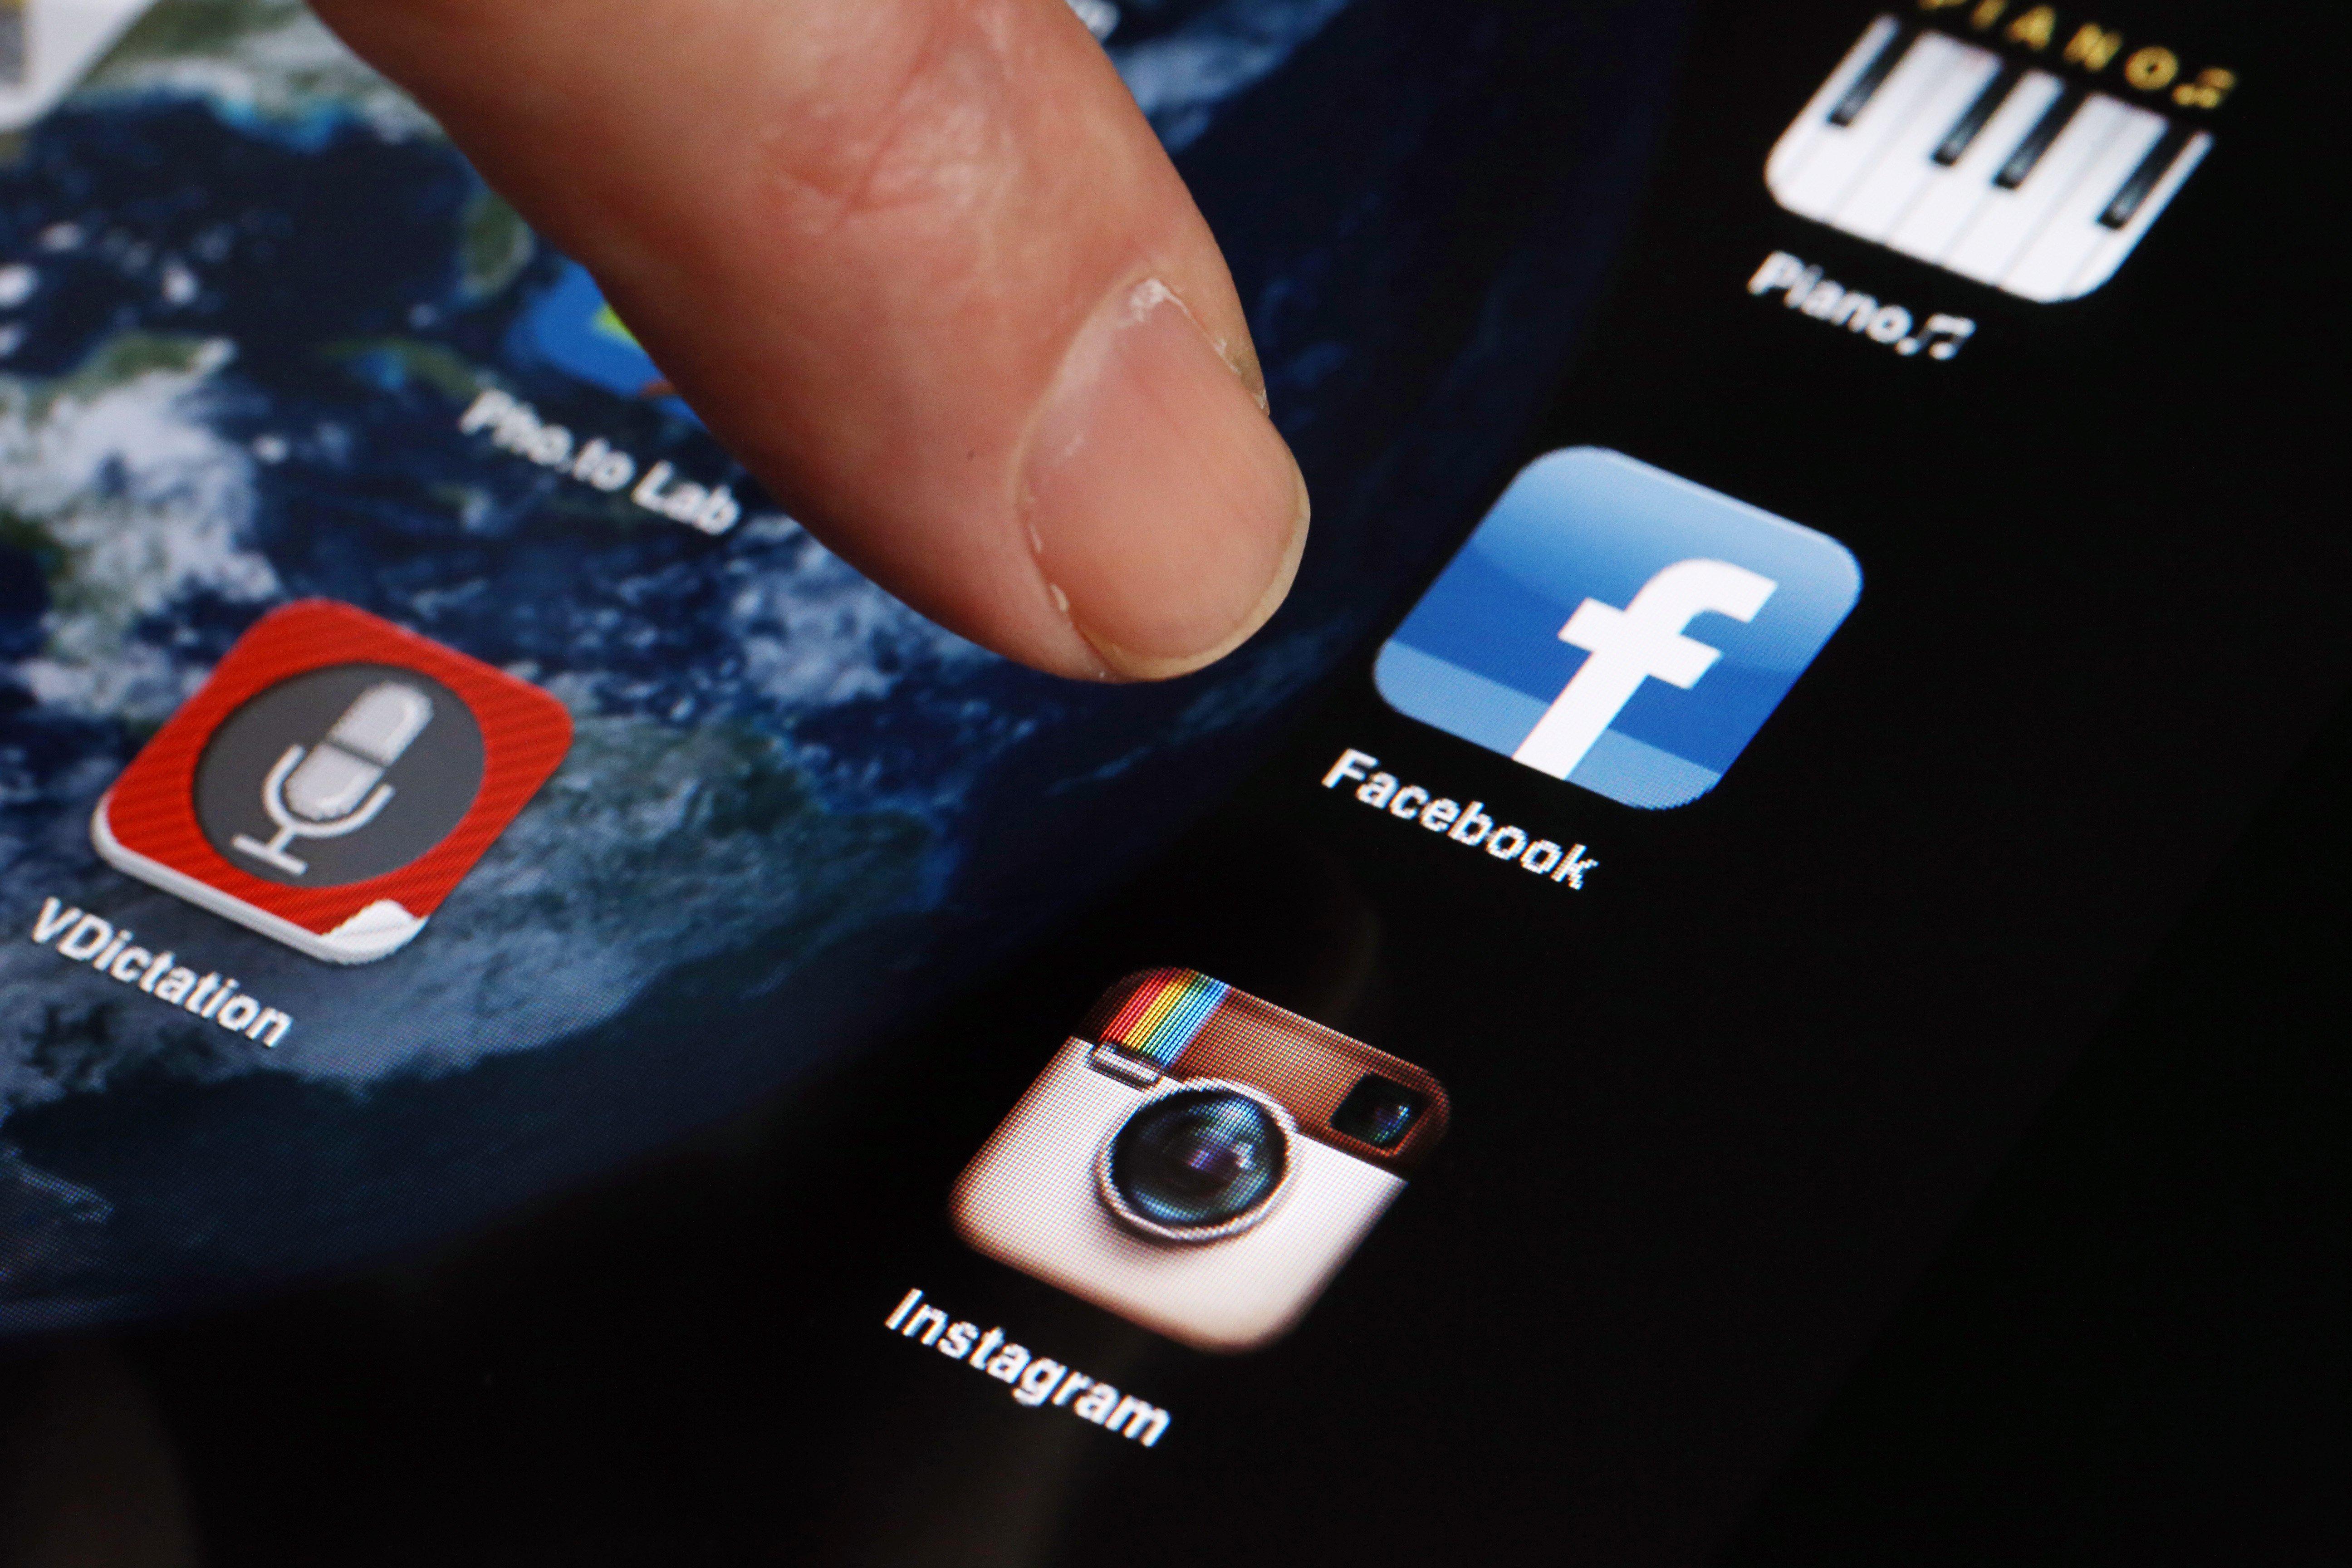 تشمل الضريبة تطبيقات المراسلة والتواصل الاجتماعي من أمثال فيسبوك وواتسآب وفايبر وتويتر